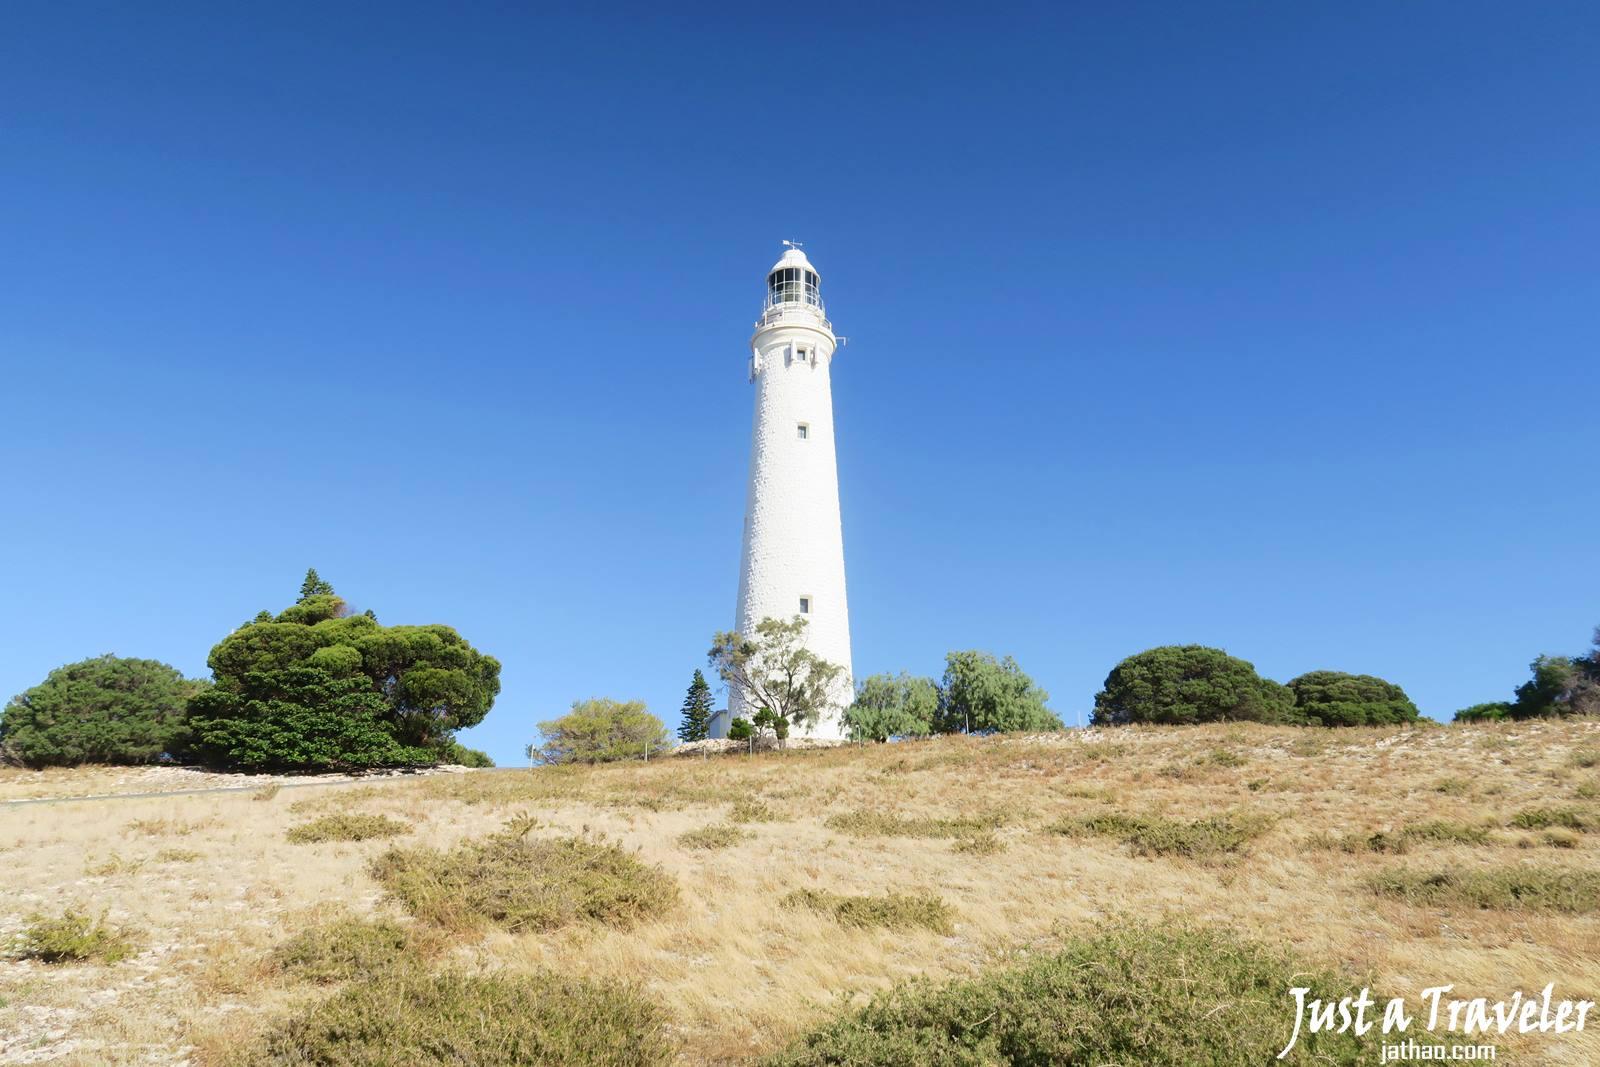 澳洲-西澳-伯斯-景點-羅特尼斯島-Rottnest Island-燈塔-推薦-自由行-交通-旅遊-遊記-攻略-行程-一日遊-二日遊-必玩-必遊-Perth